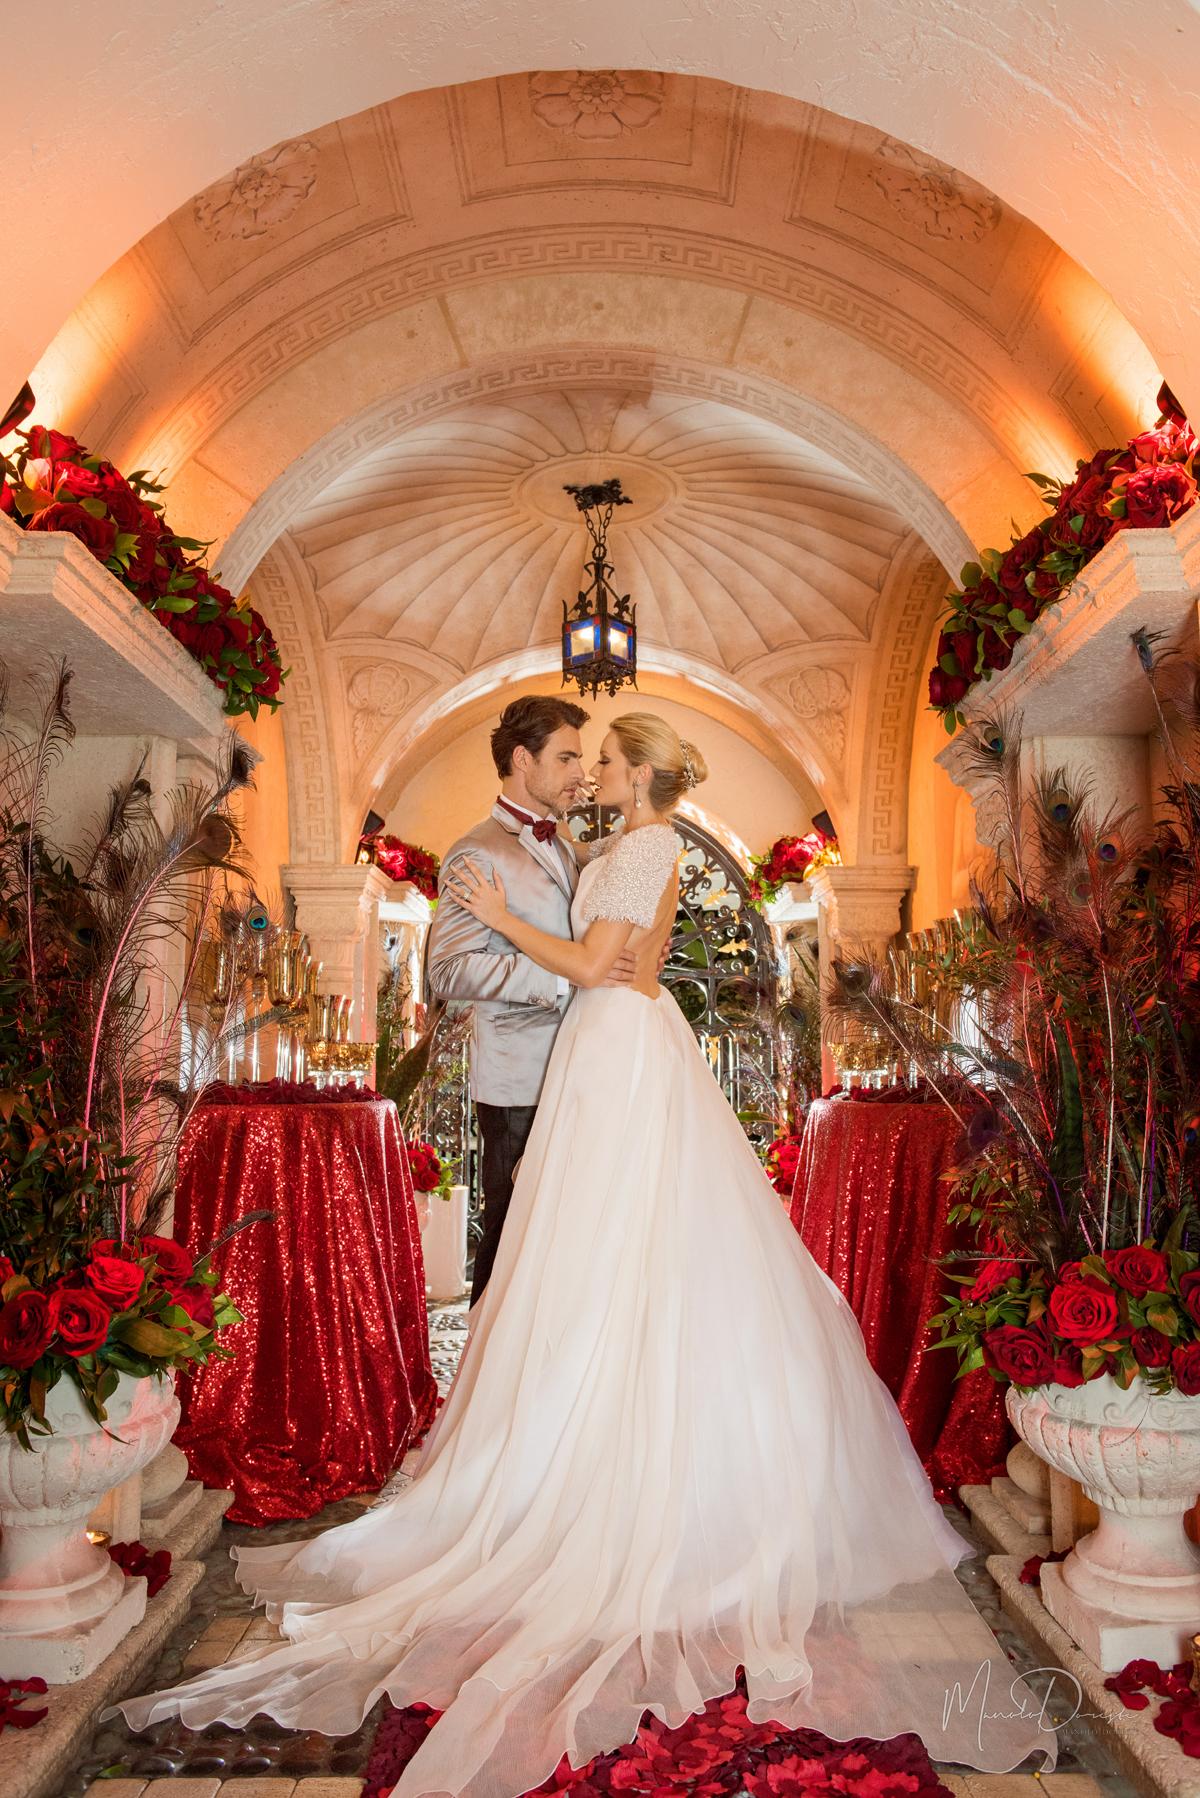 versace-mansion-wedding-manolo-doreste-36.jpg